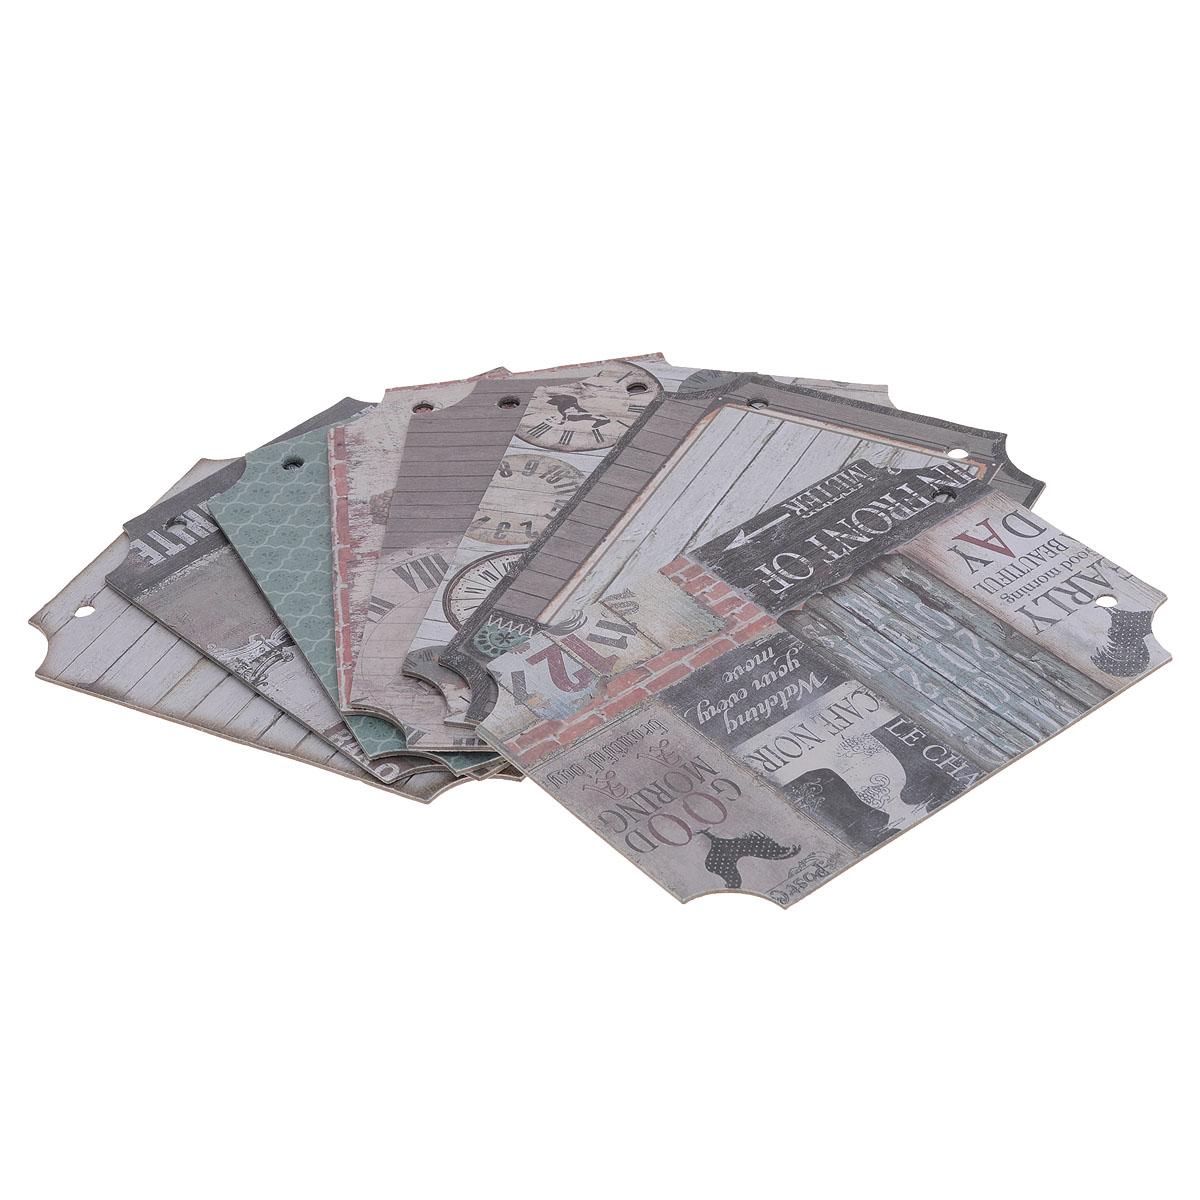 Набор для создания мини-альбома Оглянуться назад, 12,7 см х 17,8 см485405Набор для создания мини-альбома Оглянуться назад позволит создать красивый альбом ручной работы. Набор включает 8 листов из плотной бумаги с разным дизайном и 2 кольца для альбома. Бумага не содержит лигнин и хлор.